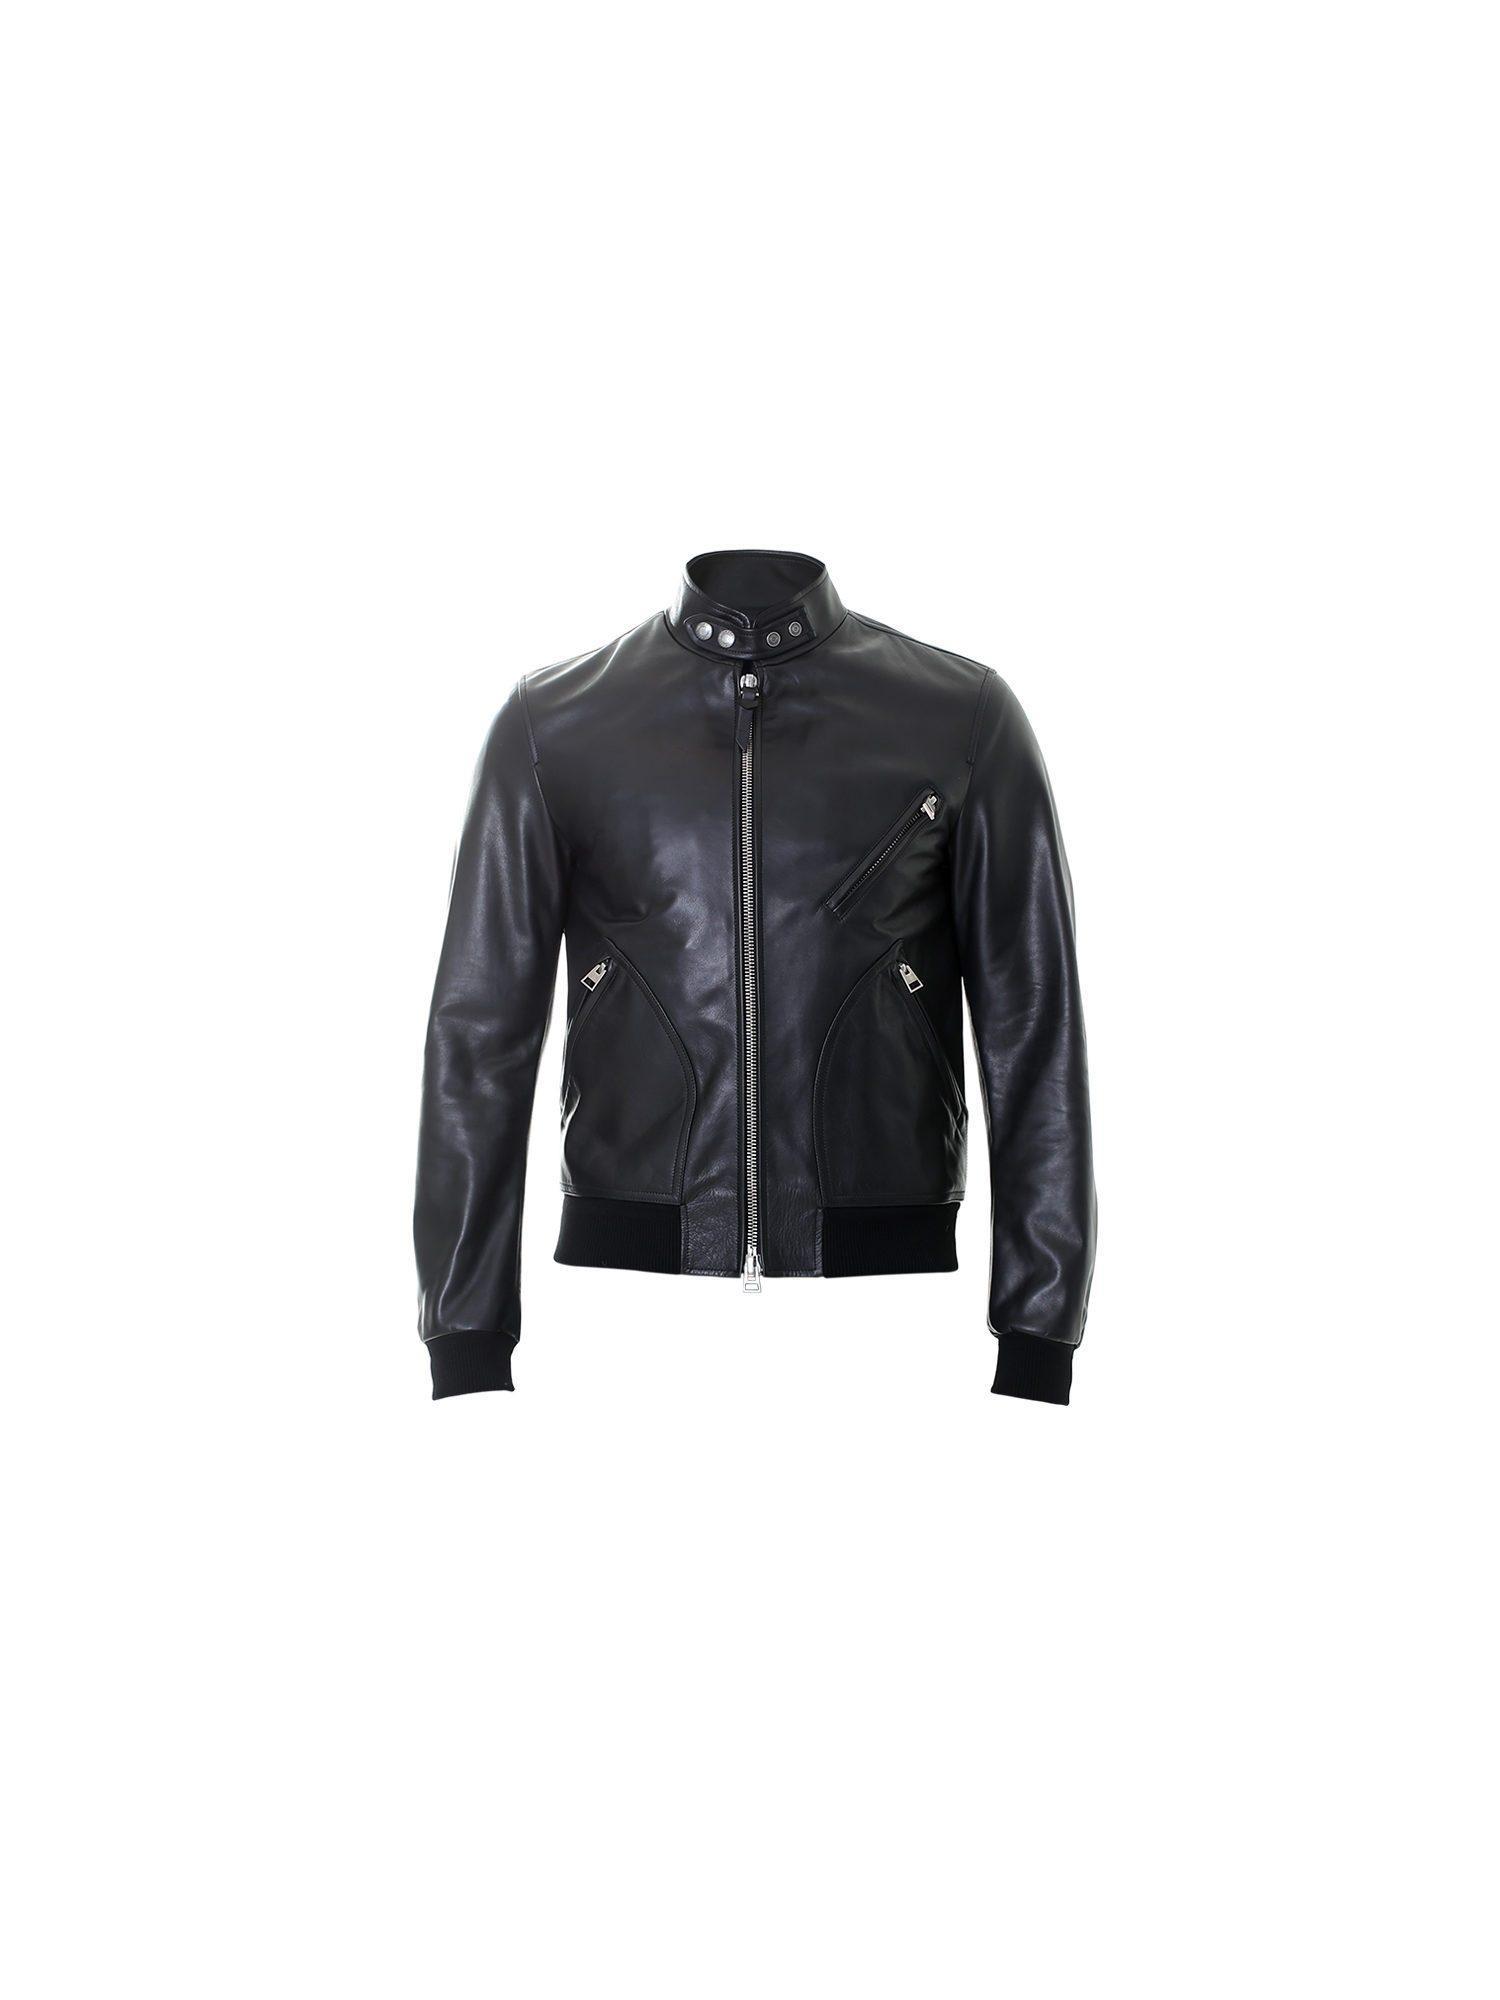 lyst tom ford black leather bomber jacket in black for men. Black Bedroom Furniture Sets. Home Design Ideas